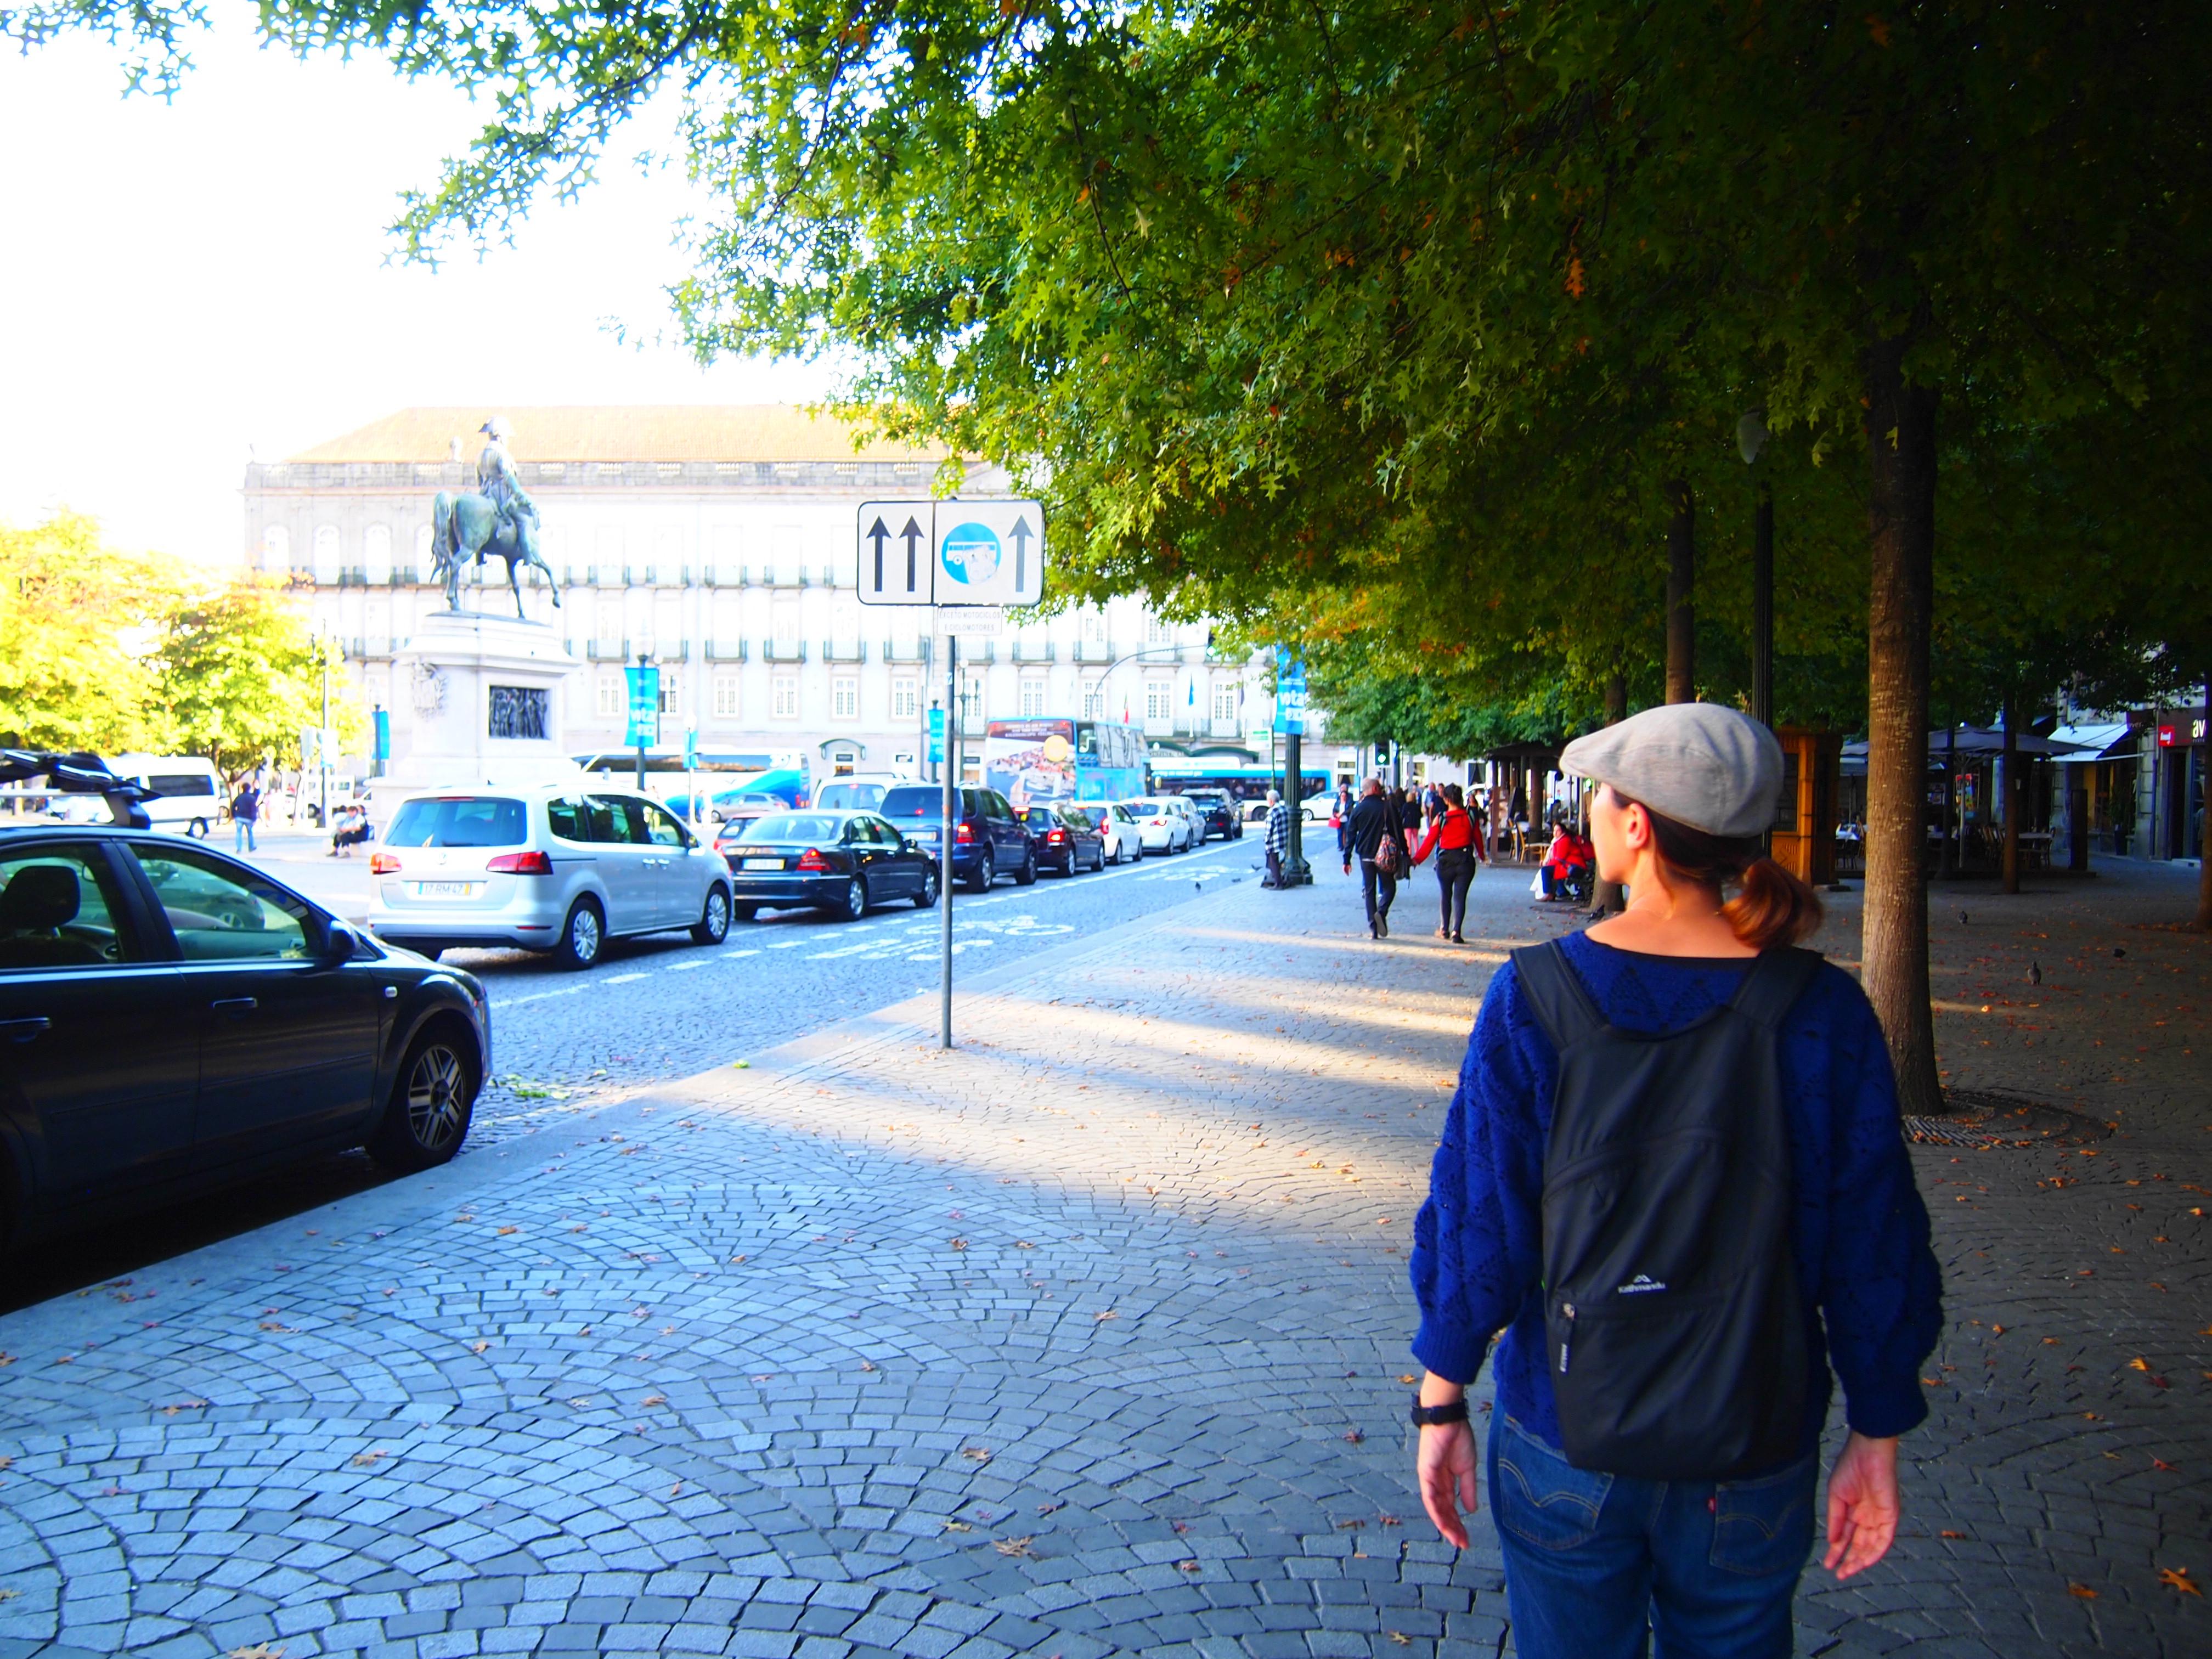 世界一周 ポルトガル ポルト 観光